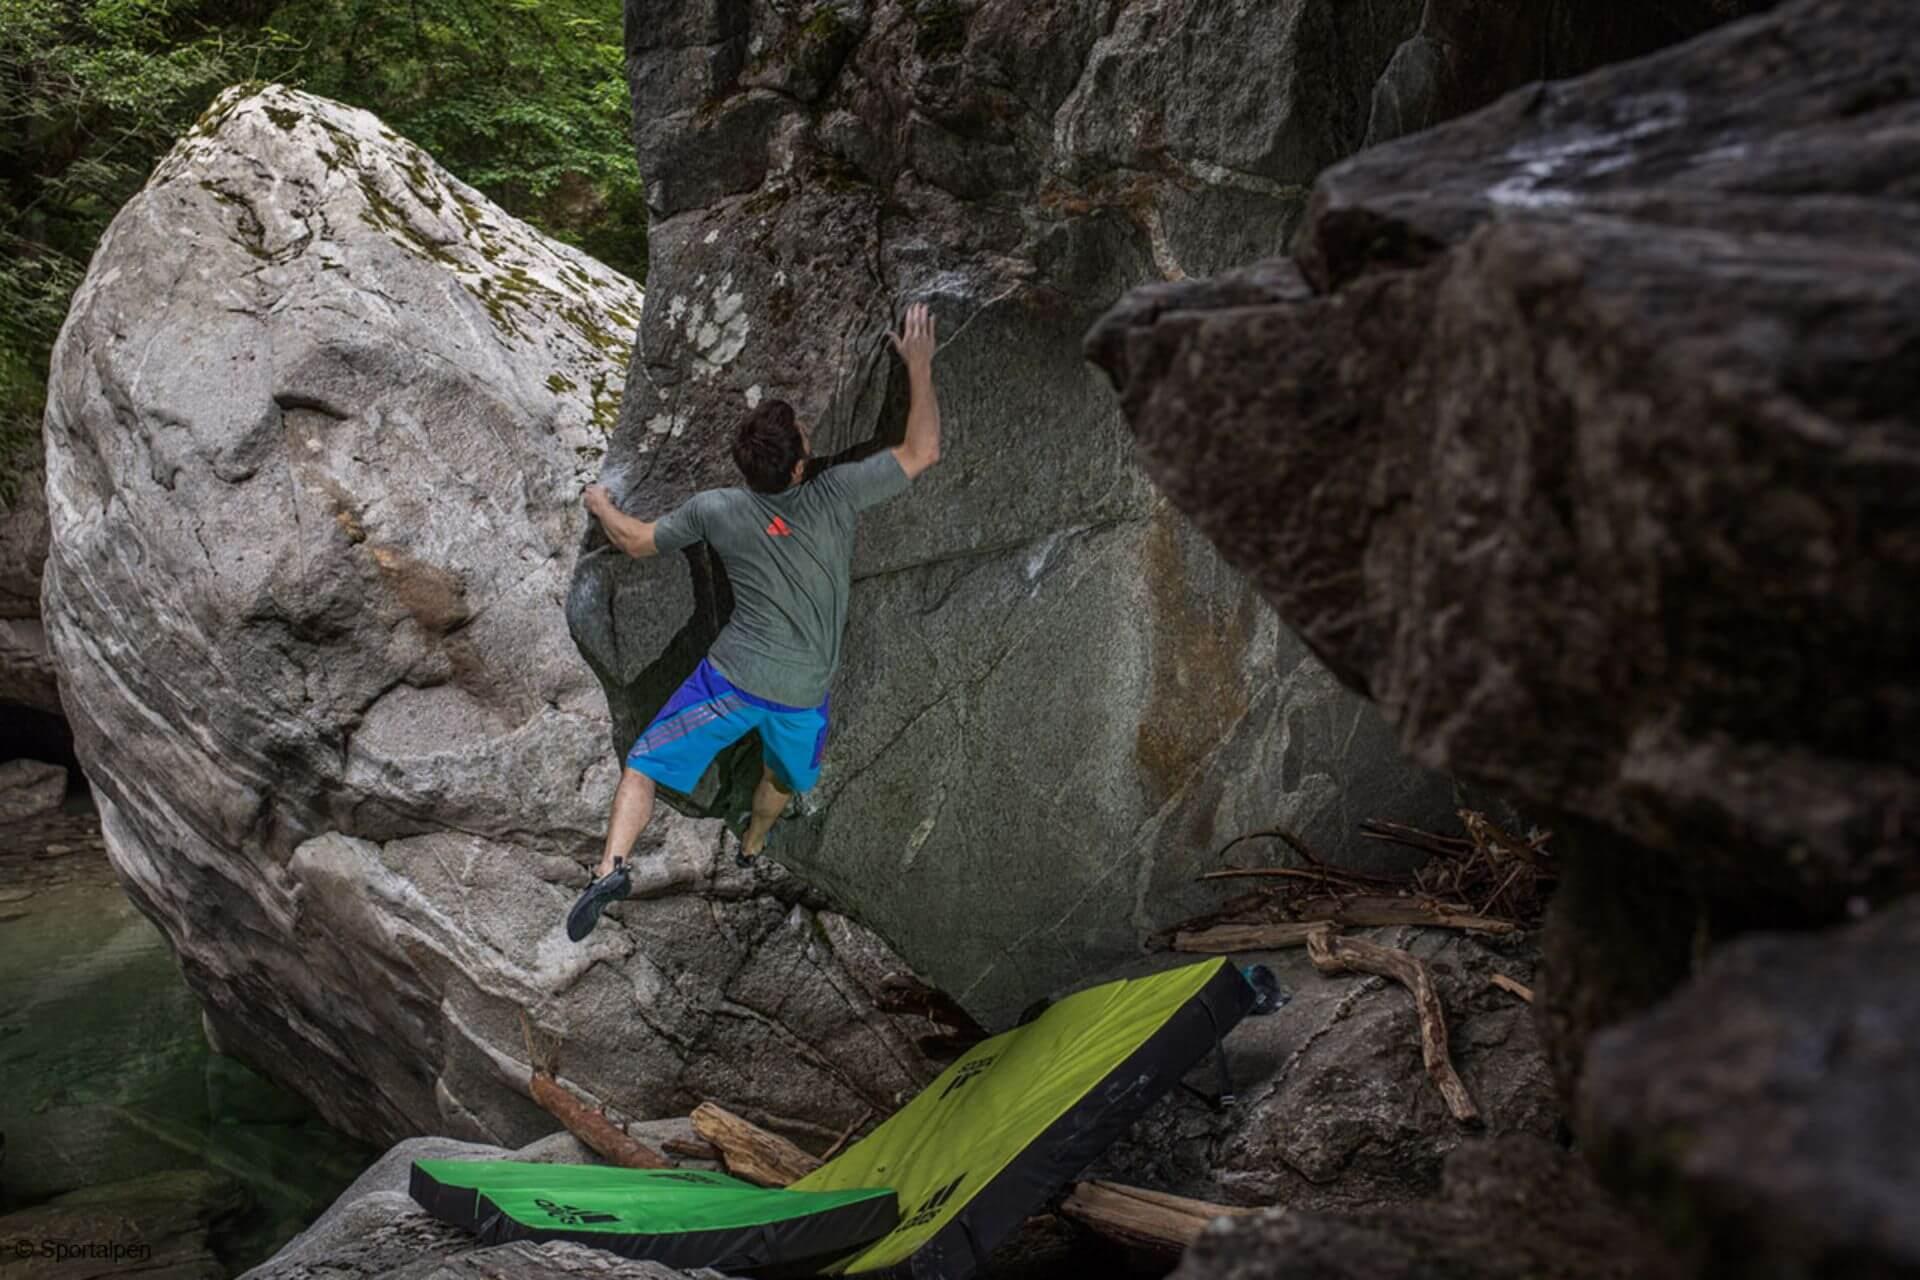 Bouldern im Zillertaler Naturpark stellt eine atemberaubende Kulisse dar